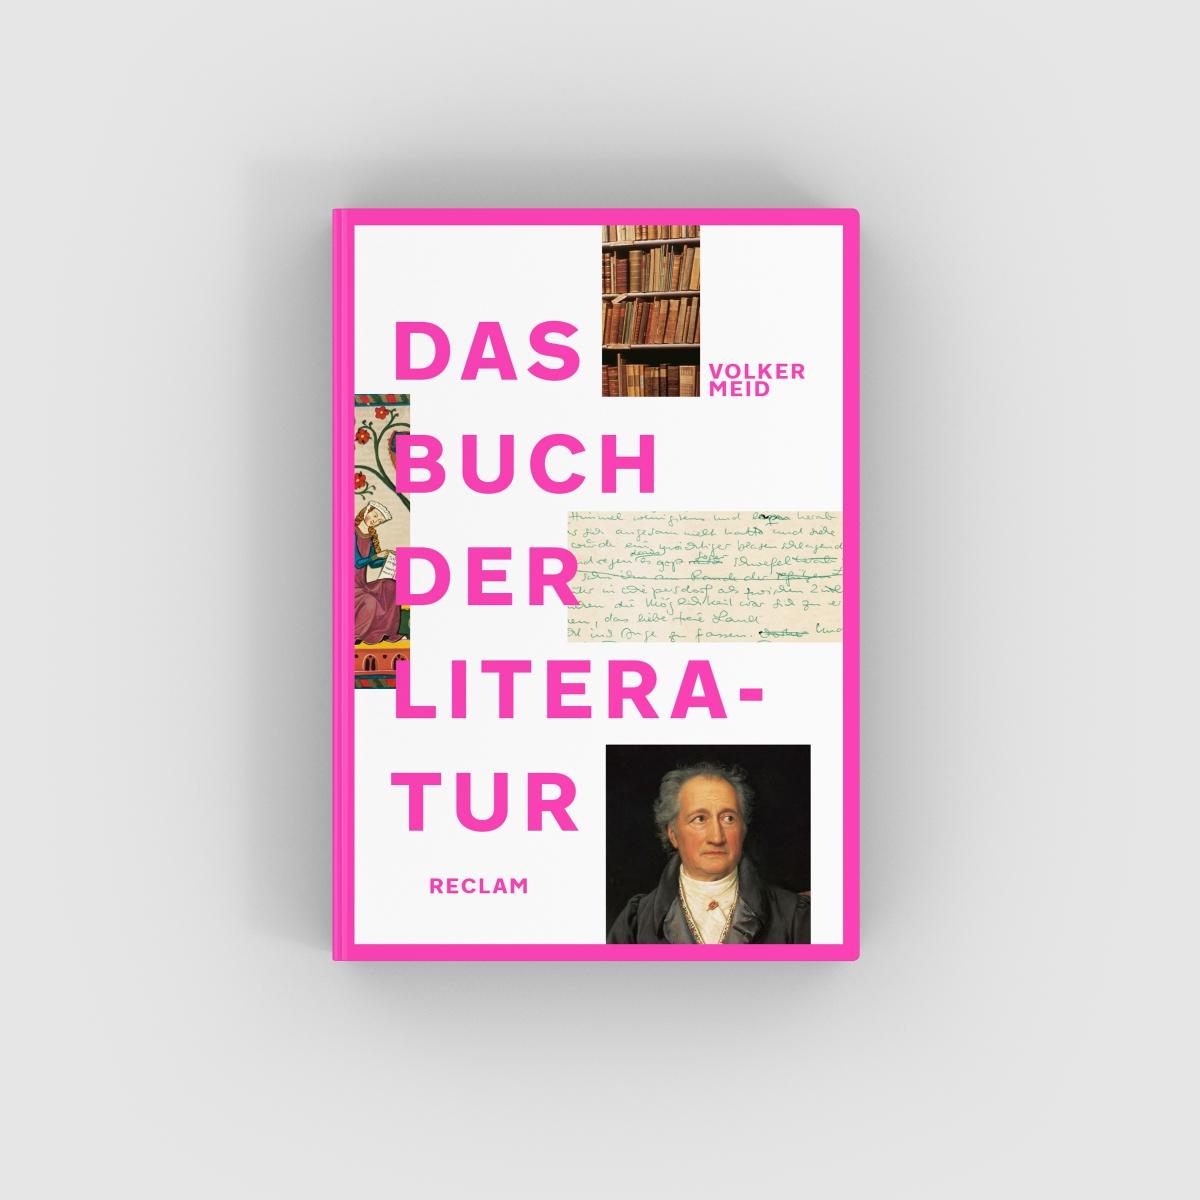 reclam_buch-literatur